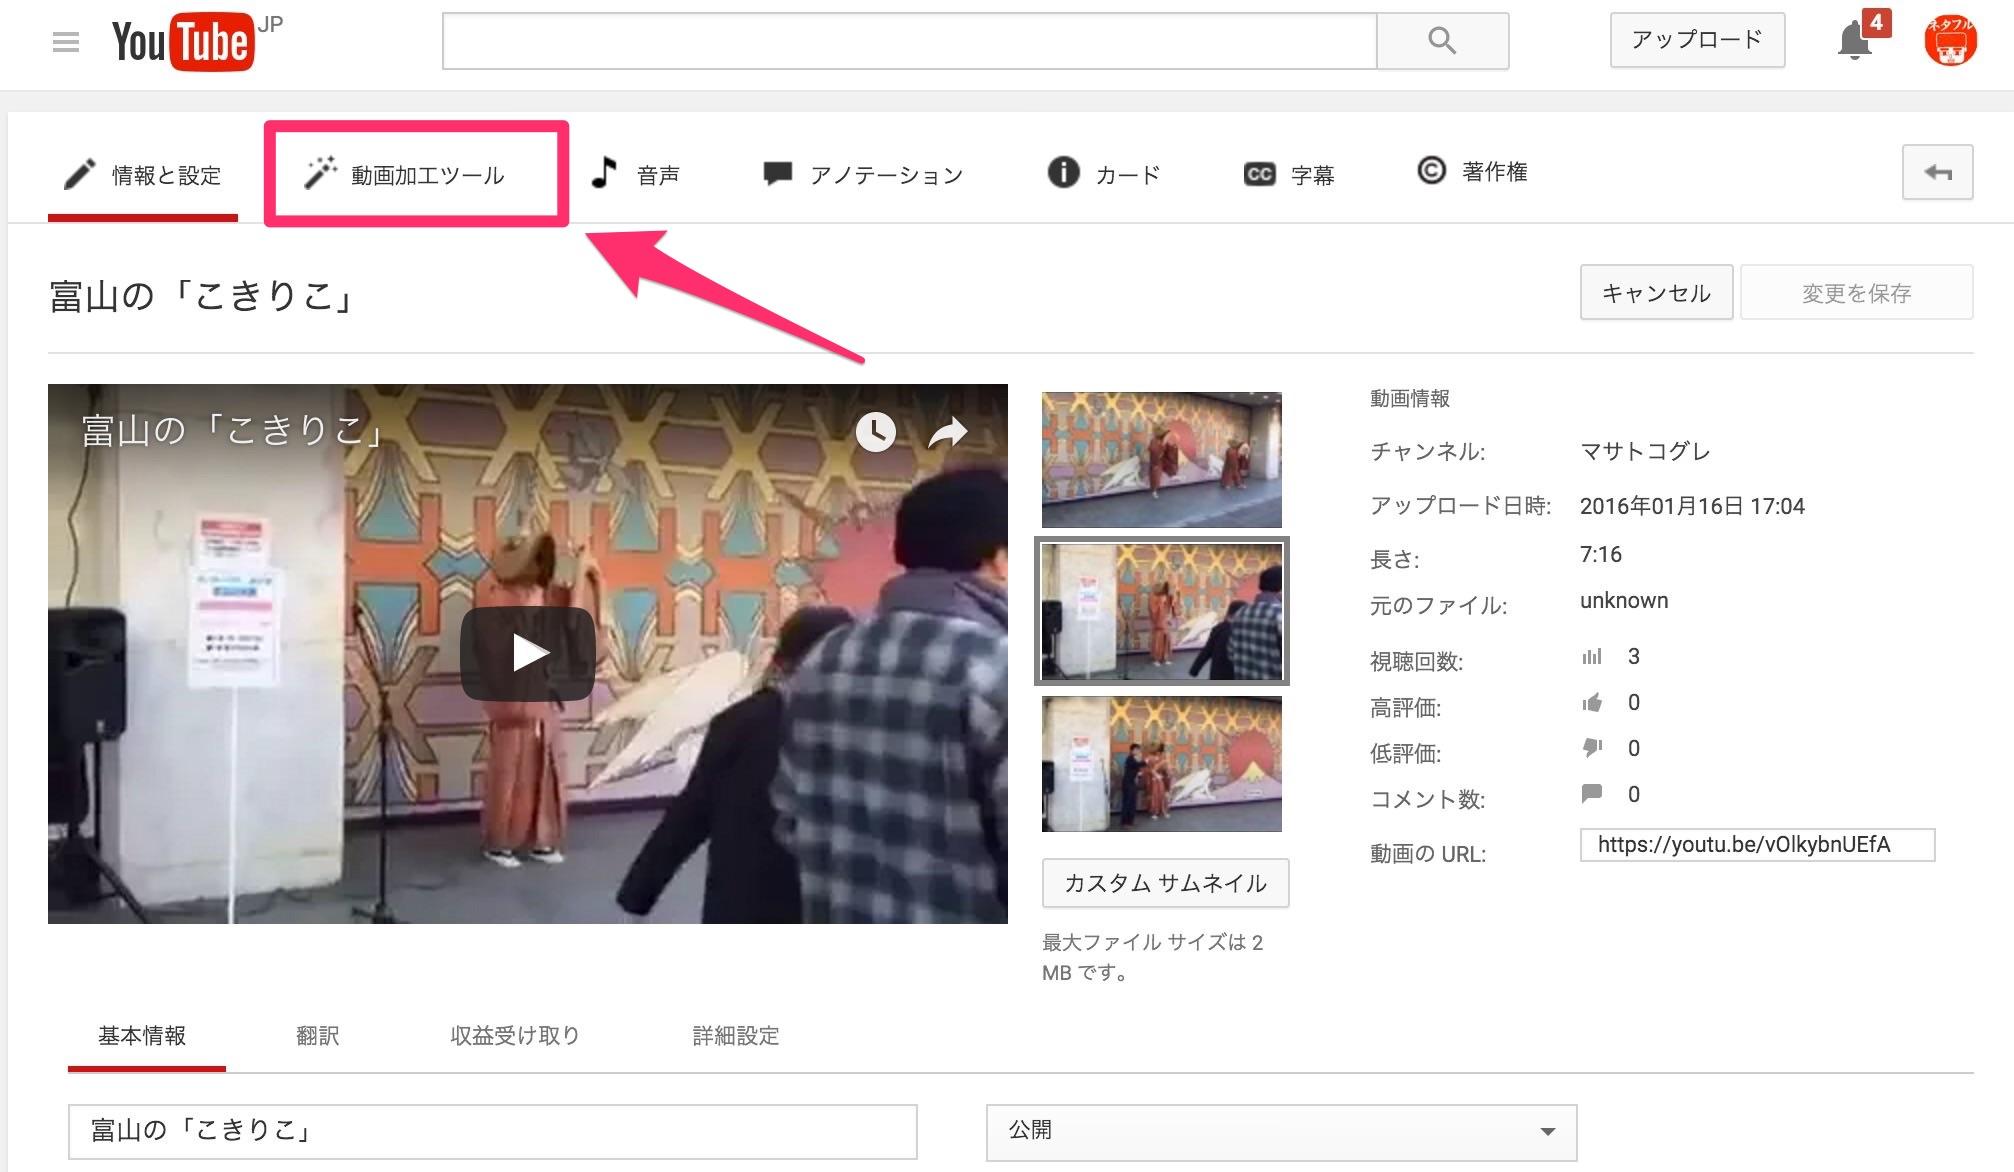 【Periscope】スマホ横向きで撮影した動画はカメラロールに縦に保存される → YouTubeにアップロードして回転する方法